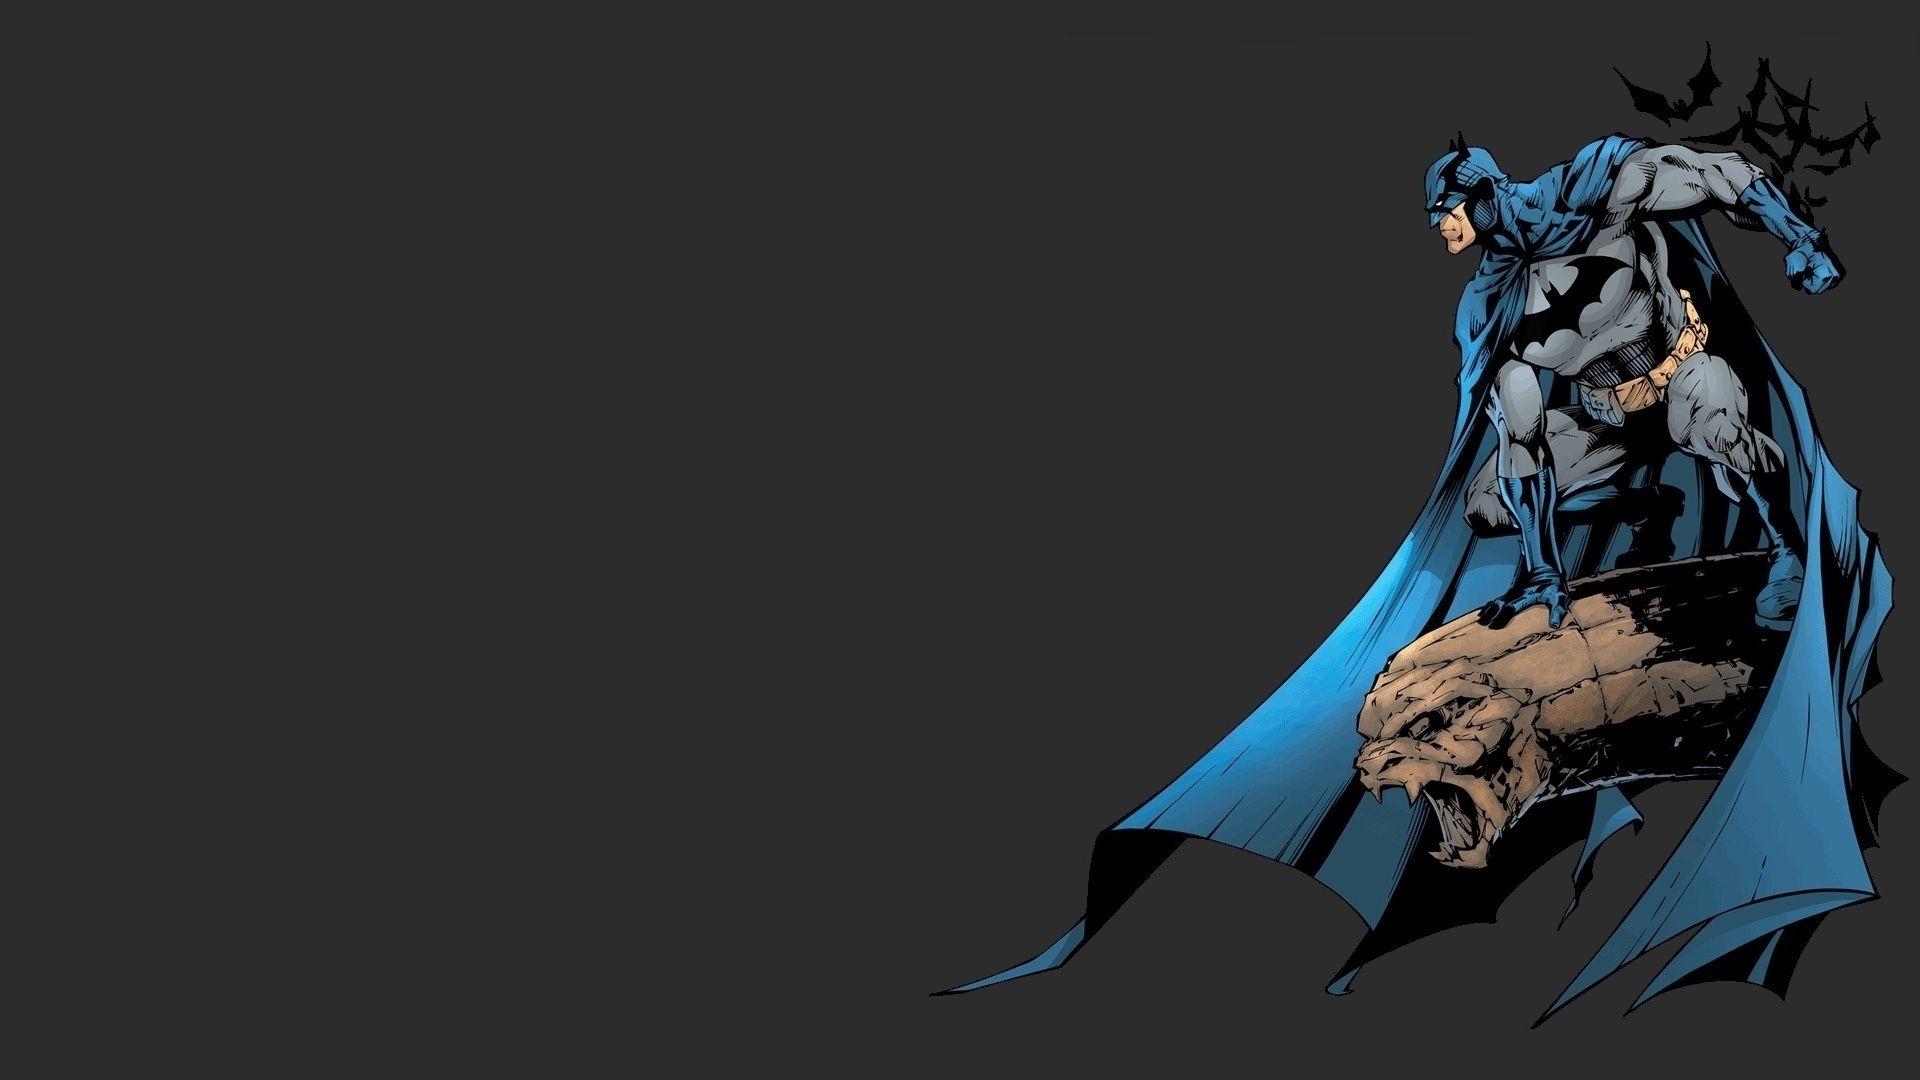 batman-comic-wallpaper - wallpaper.wiki